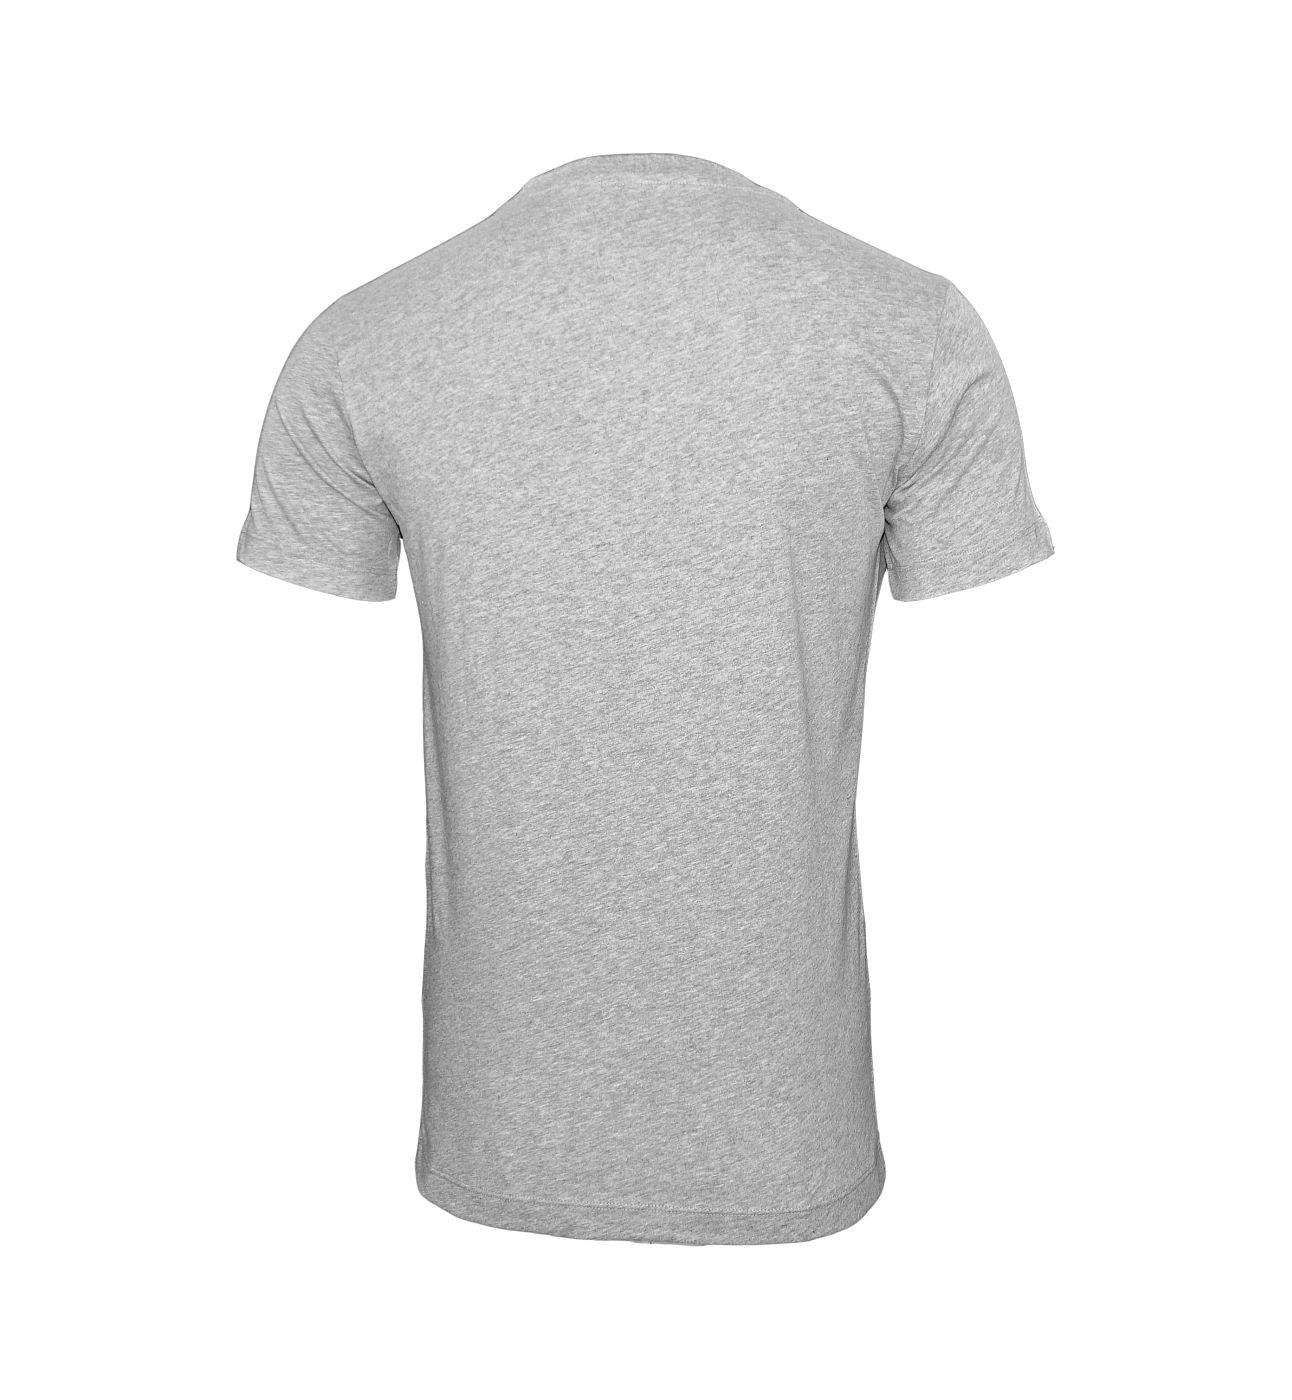 Replay 2er Pack T-Shirts V-Ausschnitt M3589 22602 030 GREY MELANGE S18-RPT1